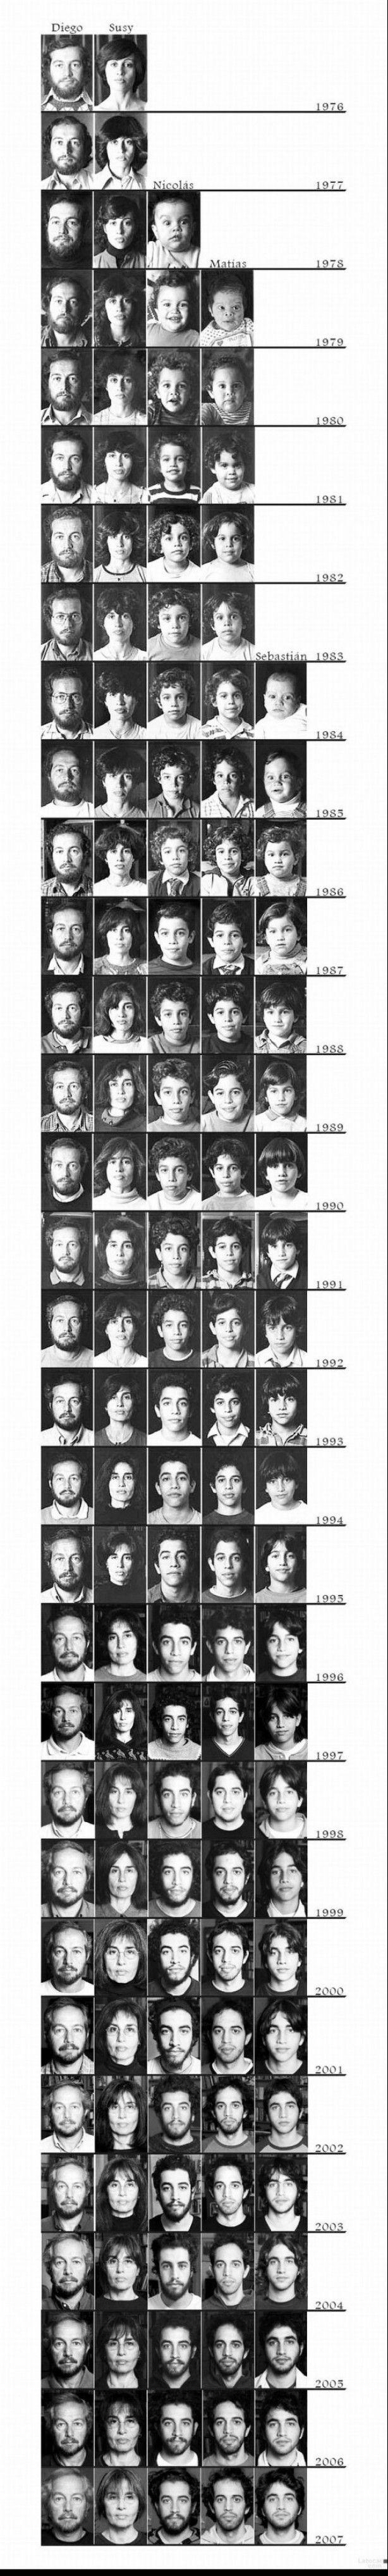 Bijzondere manier om de familie fotos weer te geven; h ttp:// ww w.froot. nl/posttype/froot/hoe-tijd-vordert /